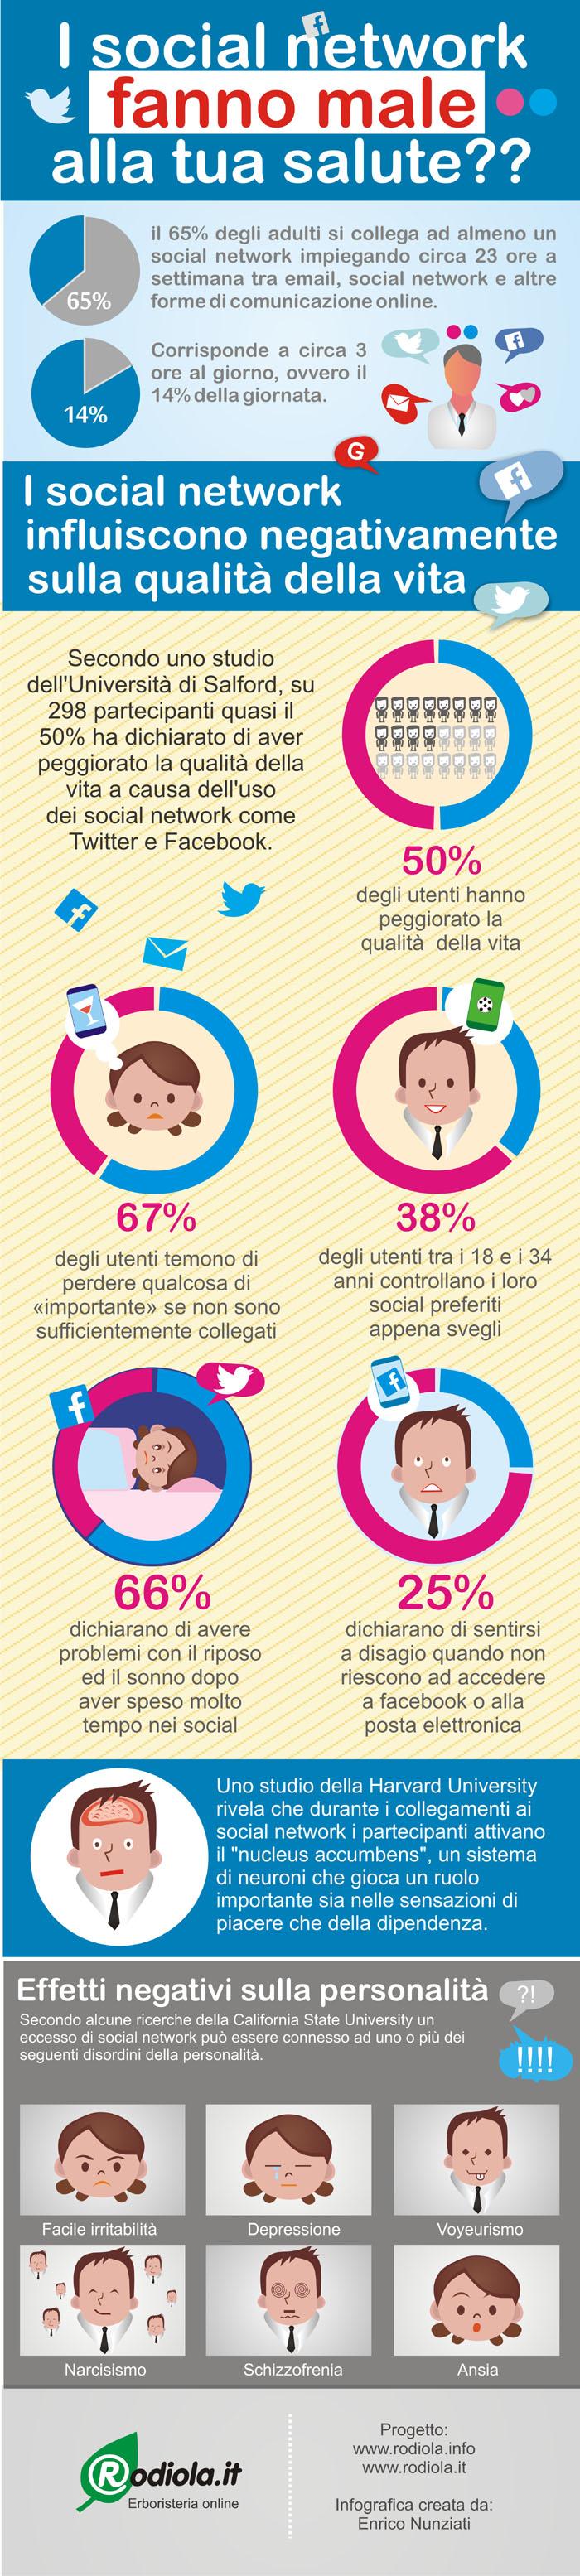 i social network fanno male - infografica